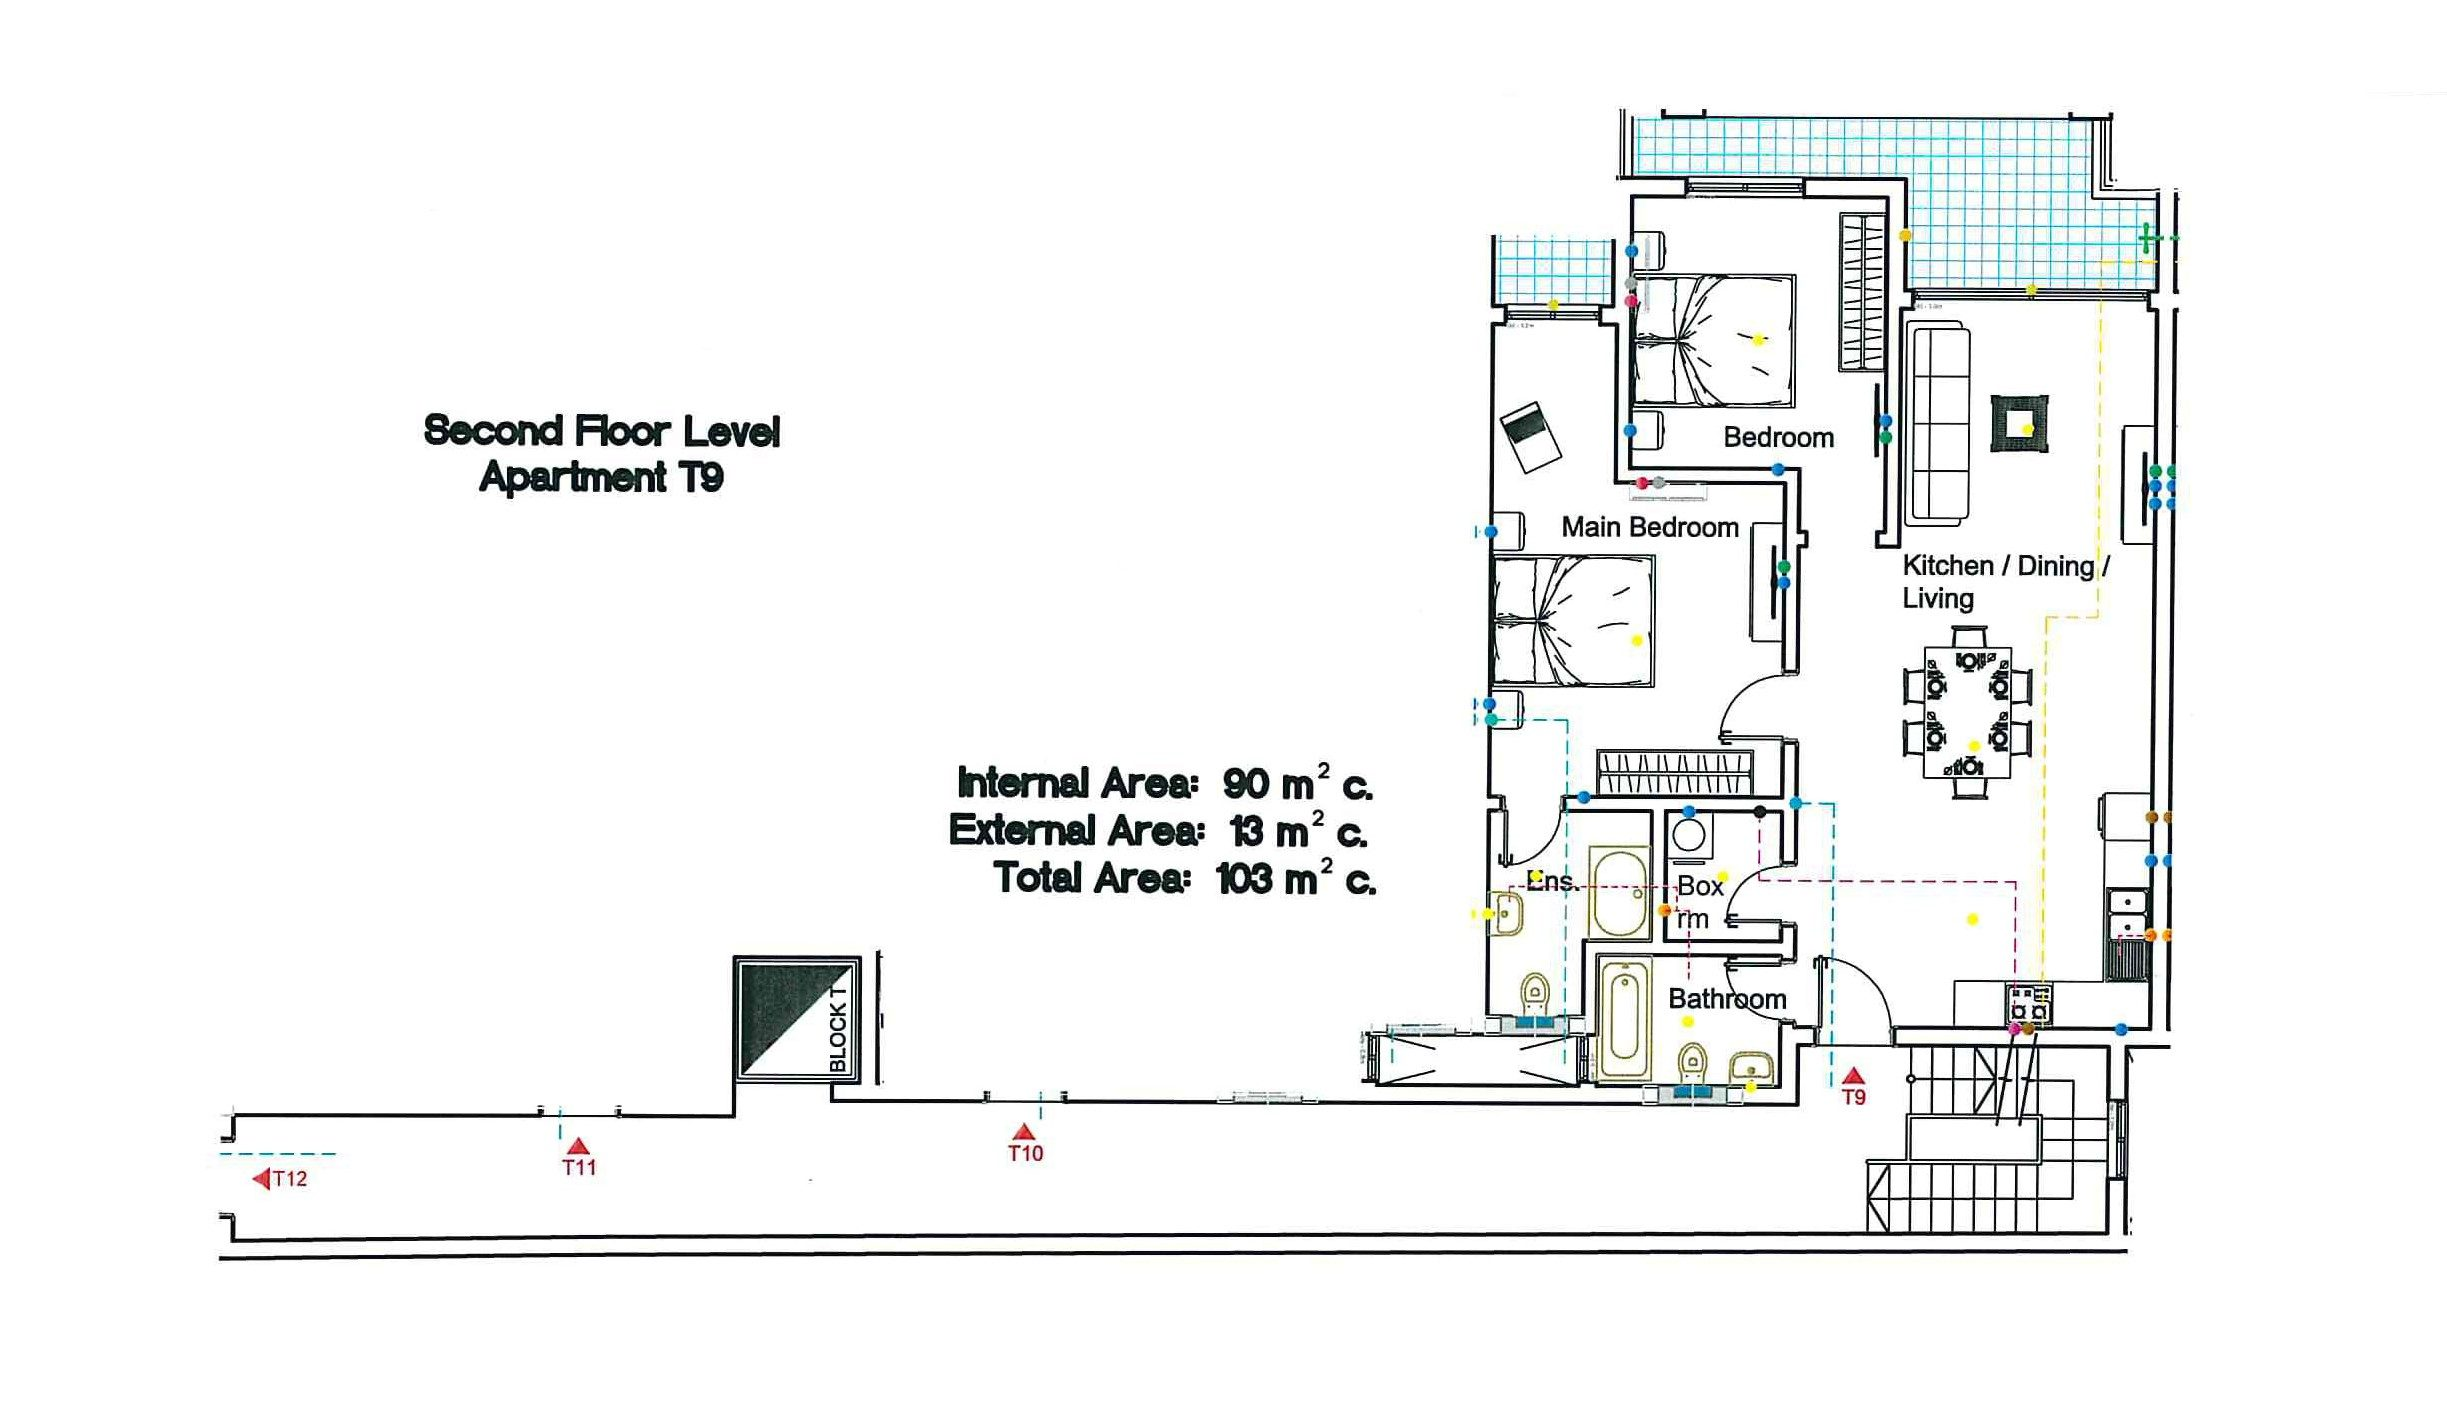 T9 Second Floor